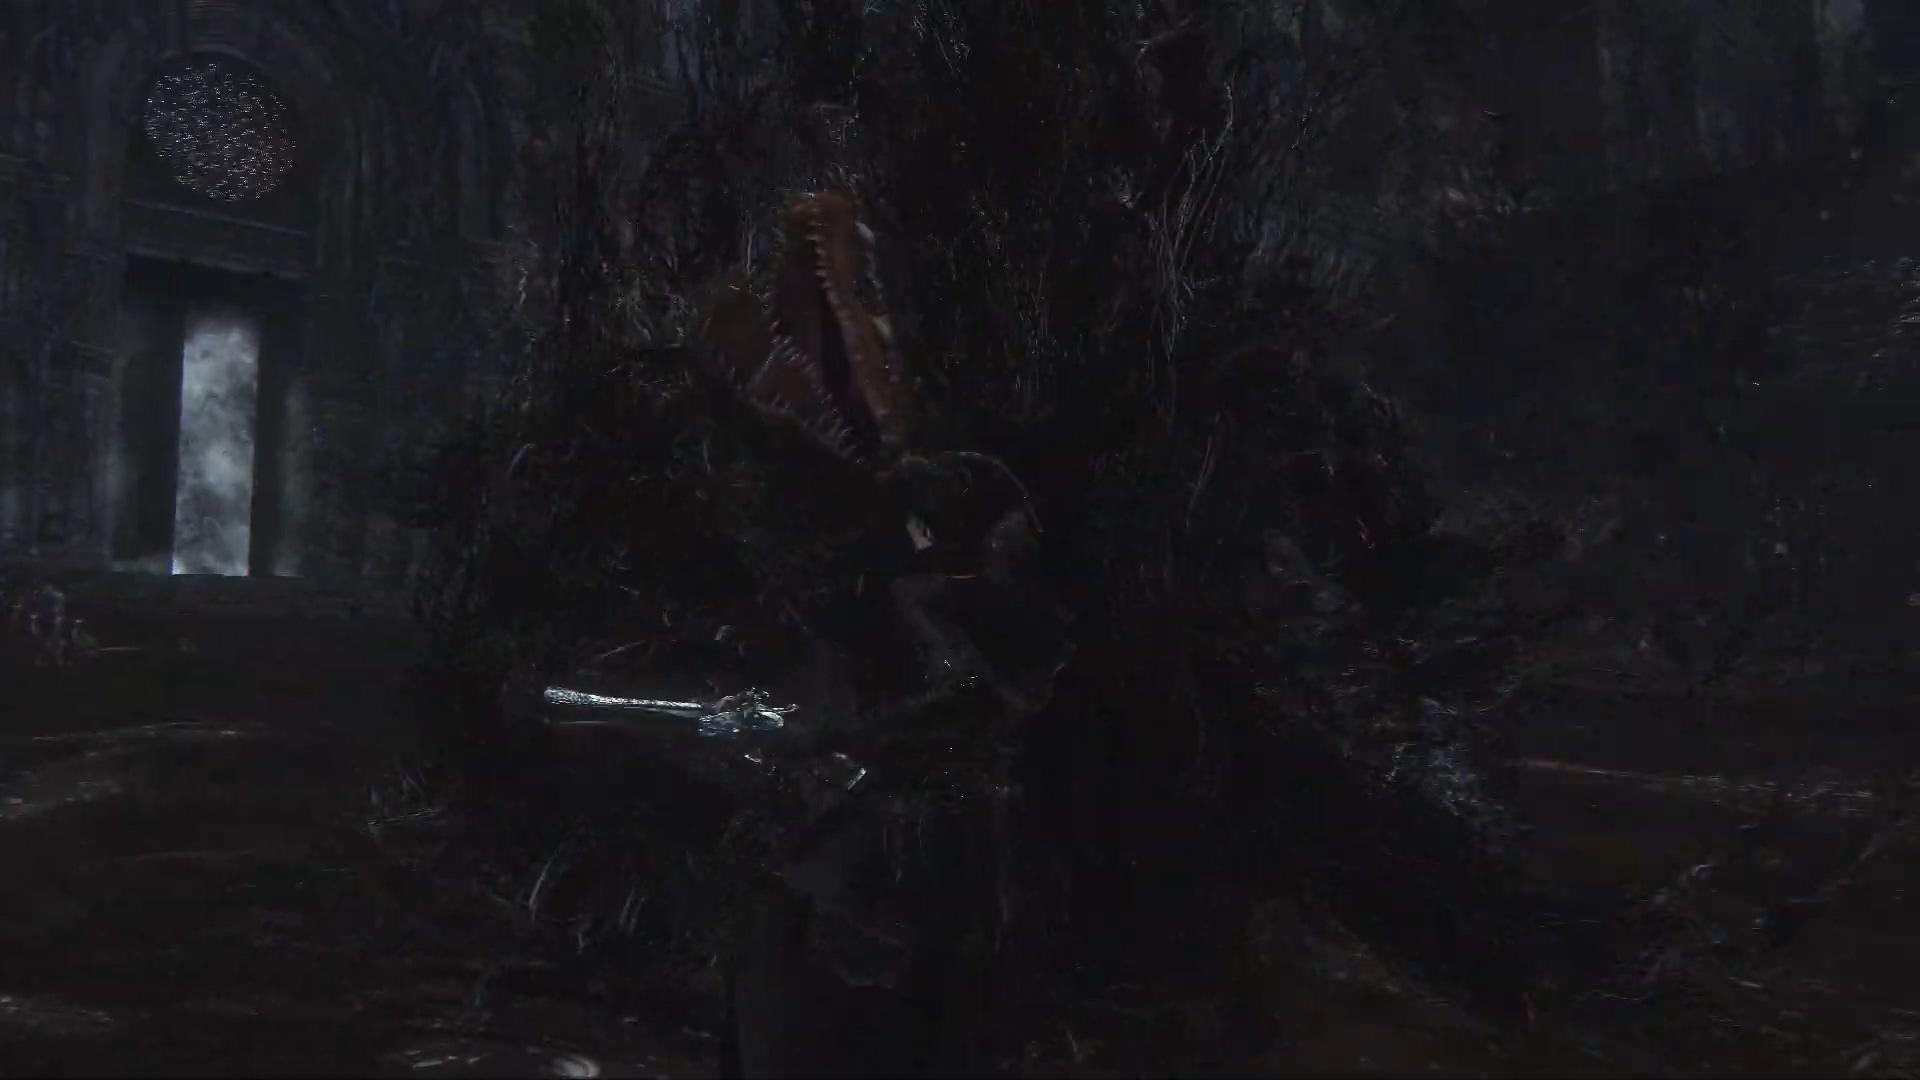 《血源》未开放boss已可访问 四处放电、无处可藏